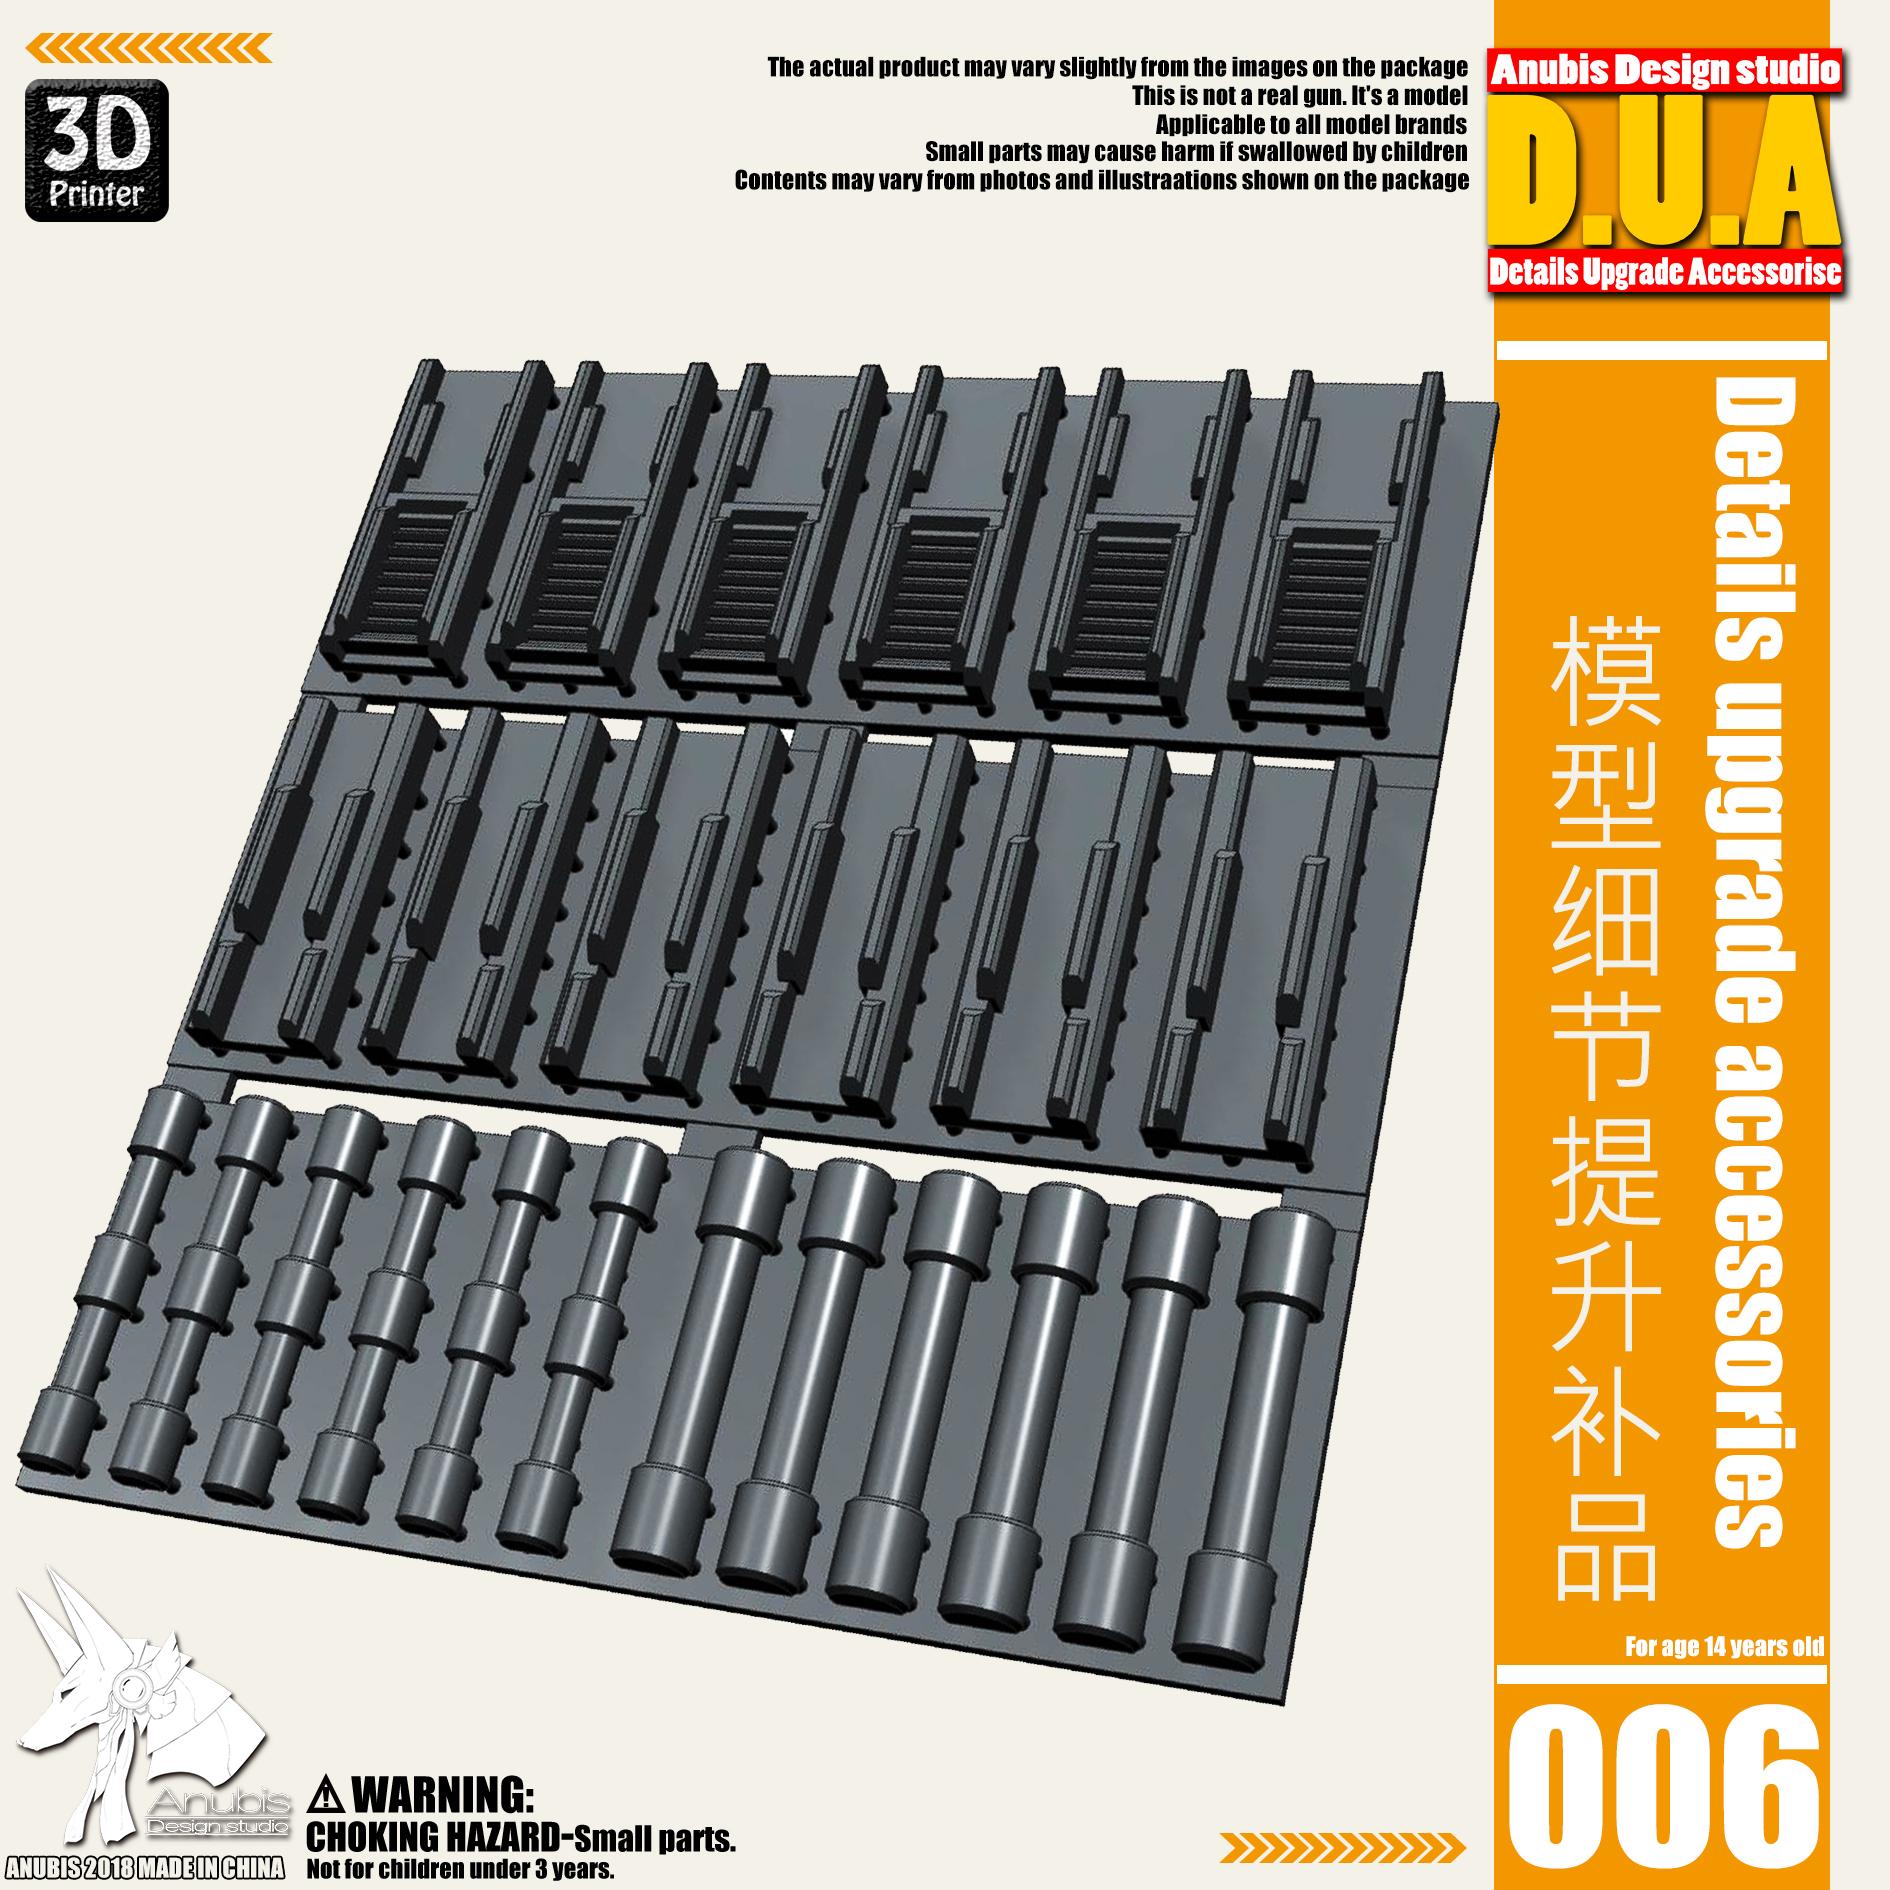 G413_DUA006_001.jpg